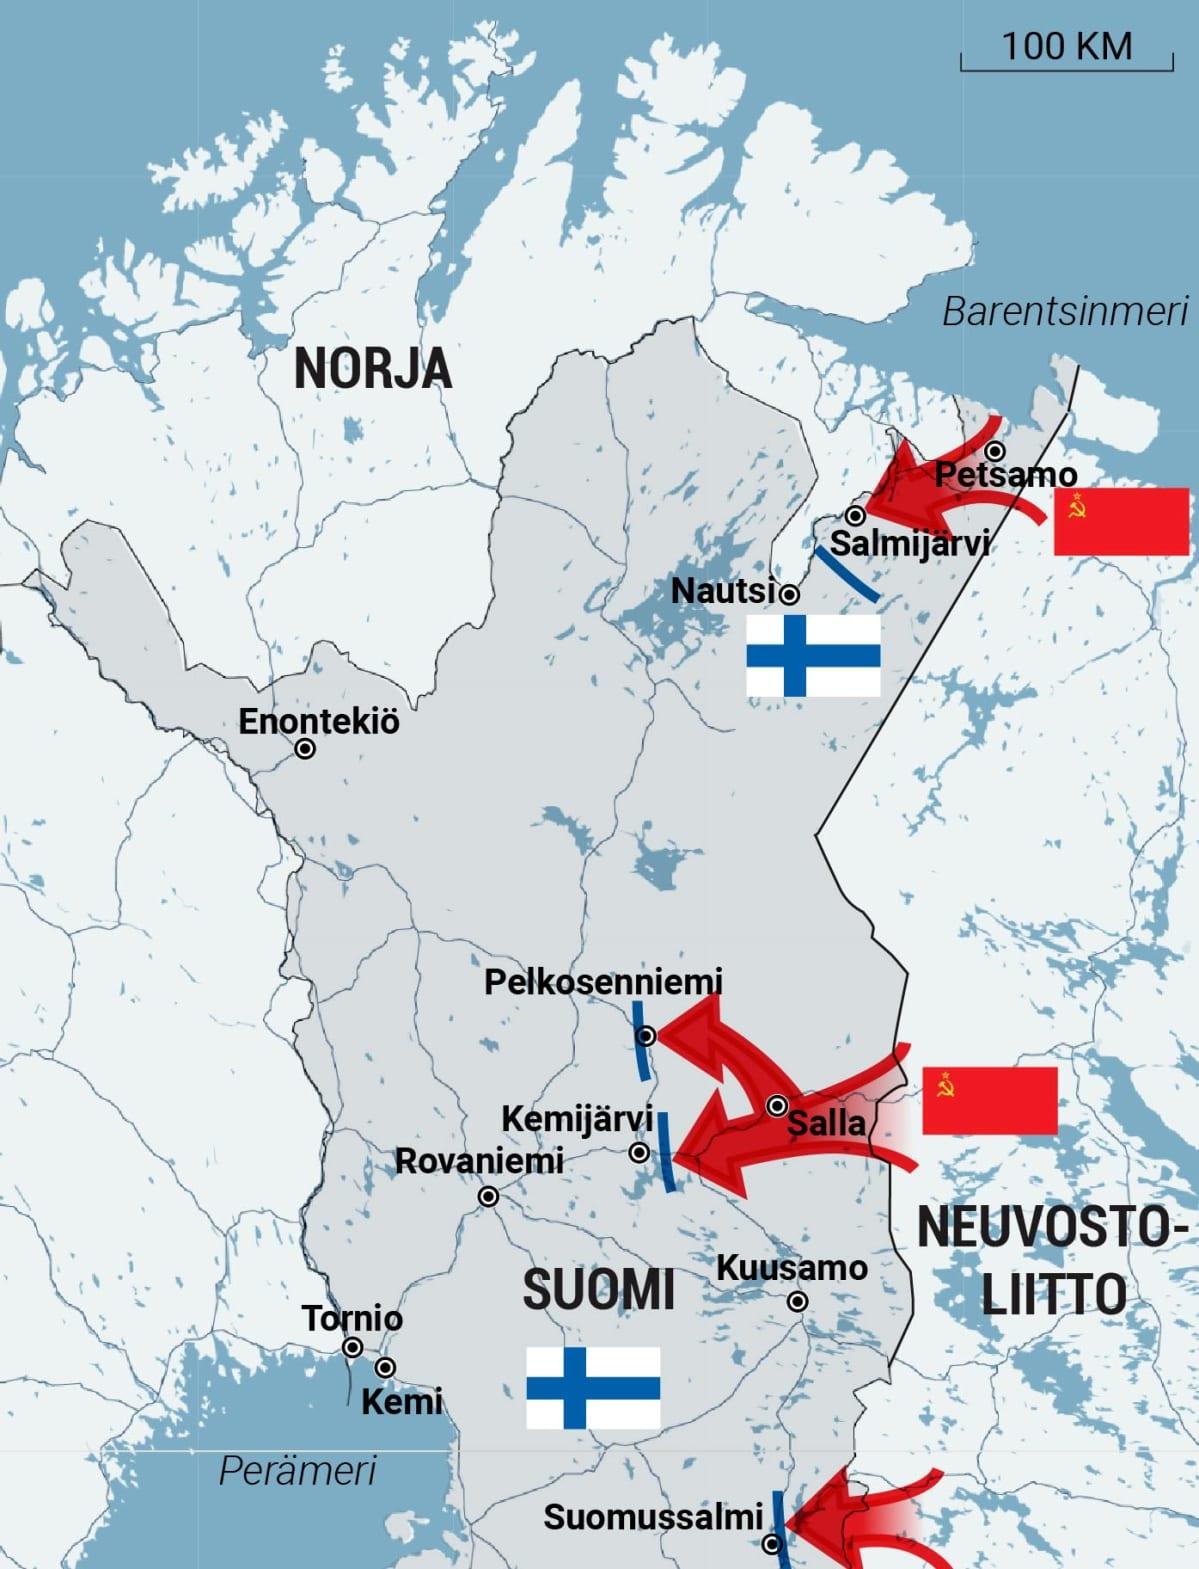 Karttagrafiikka talvisodan taisteluista Lapissa.